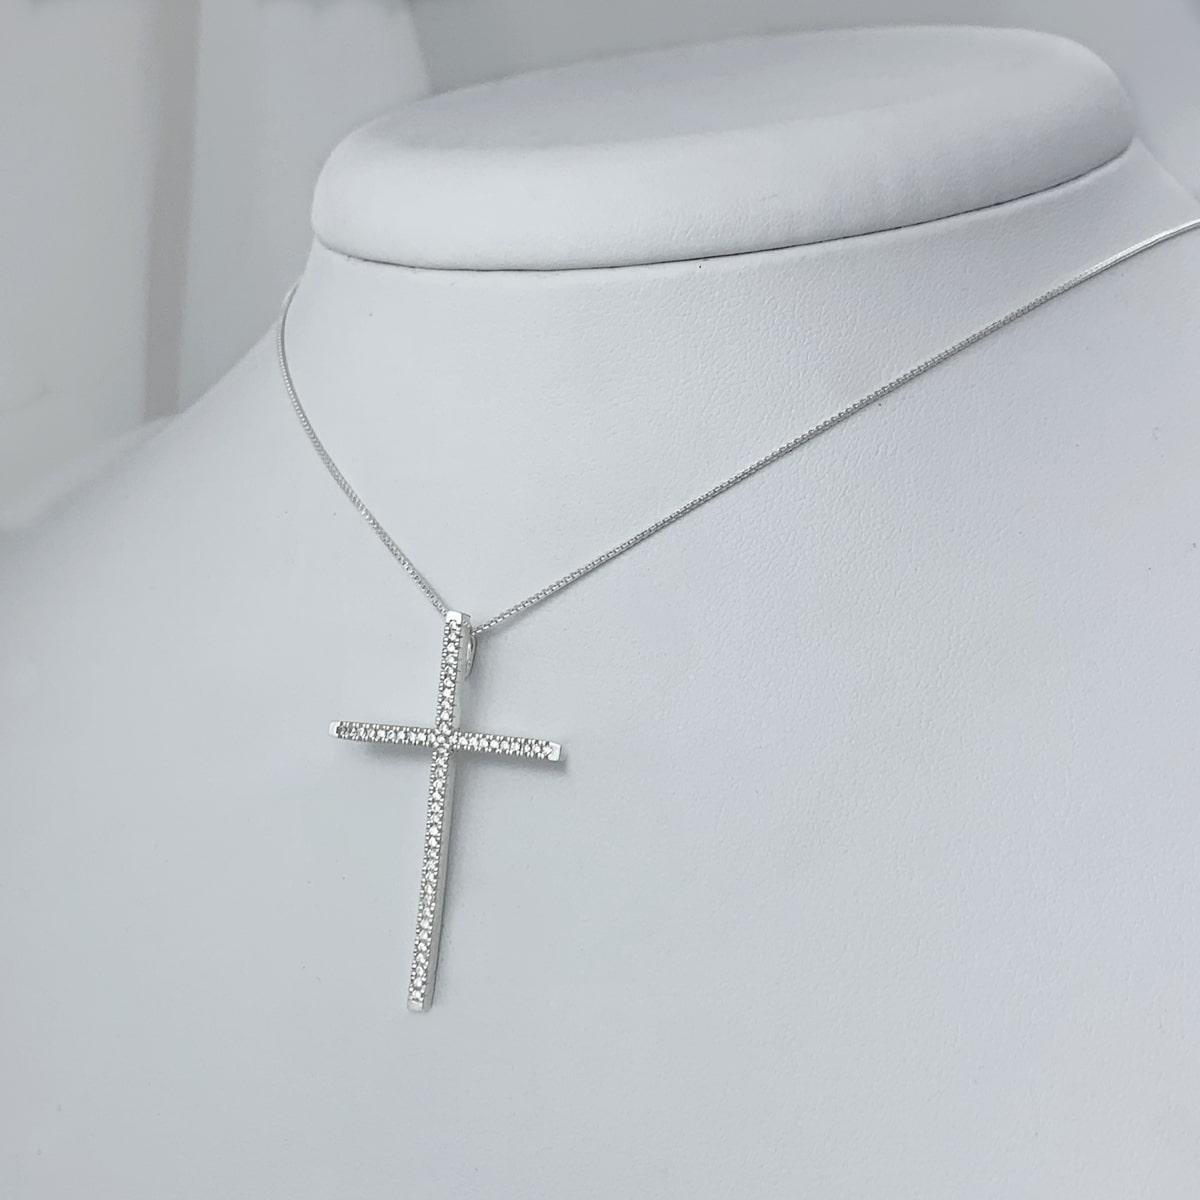 Colar Crucifixo Grande Cravejado de Zircônias Prata 925, Colar de Prata